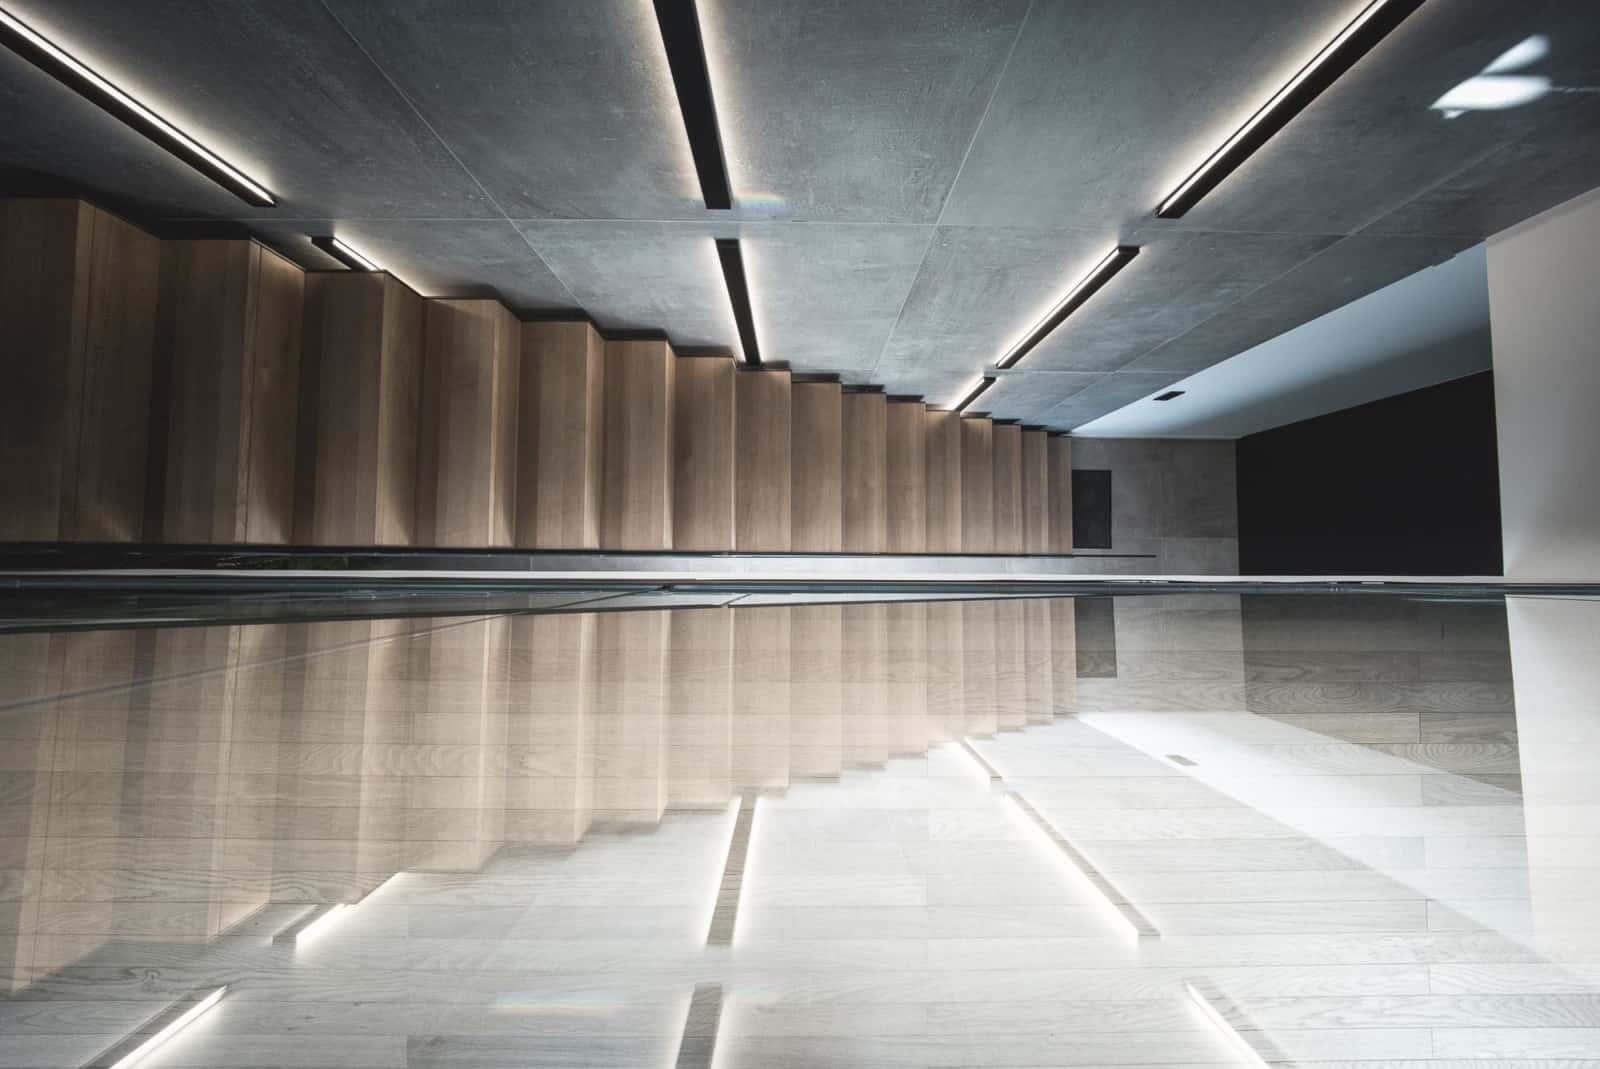 Architecture escalier - Maison d'architecte, villa contemporaine - Archidomo - architecture Annecy Lyon Paris